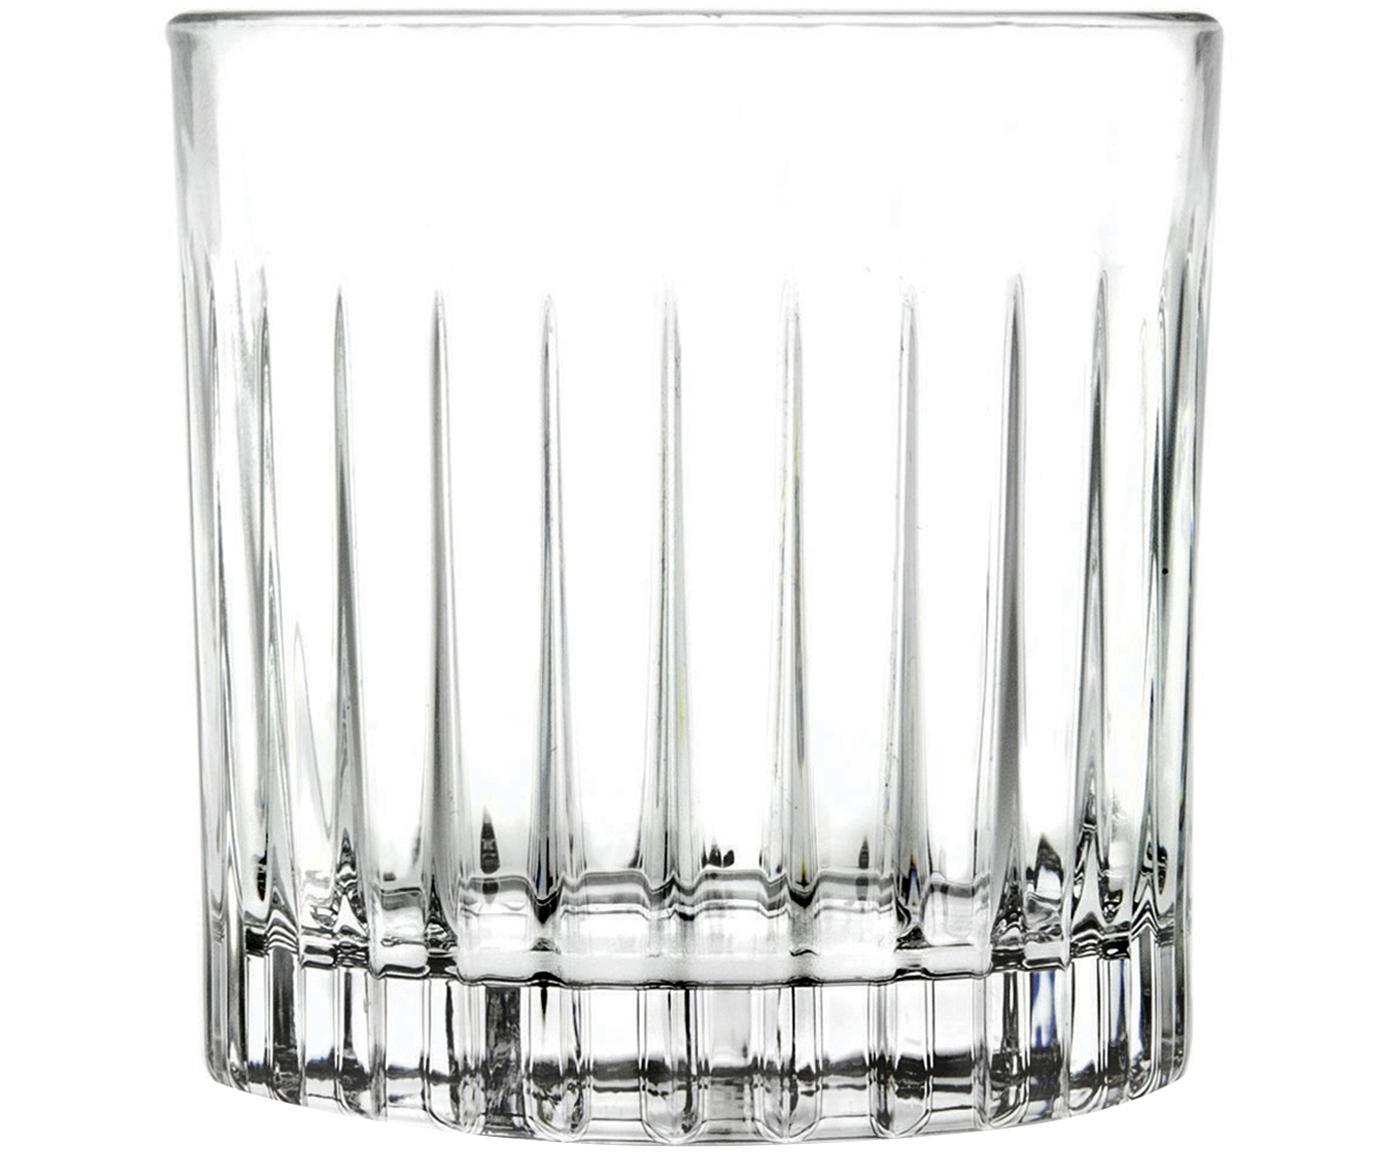 Vasos old fashioned de cristal Timeless, 6uds., Cristal, Transparente, Ø 9 x Al 9 cm